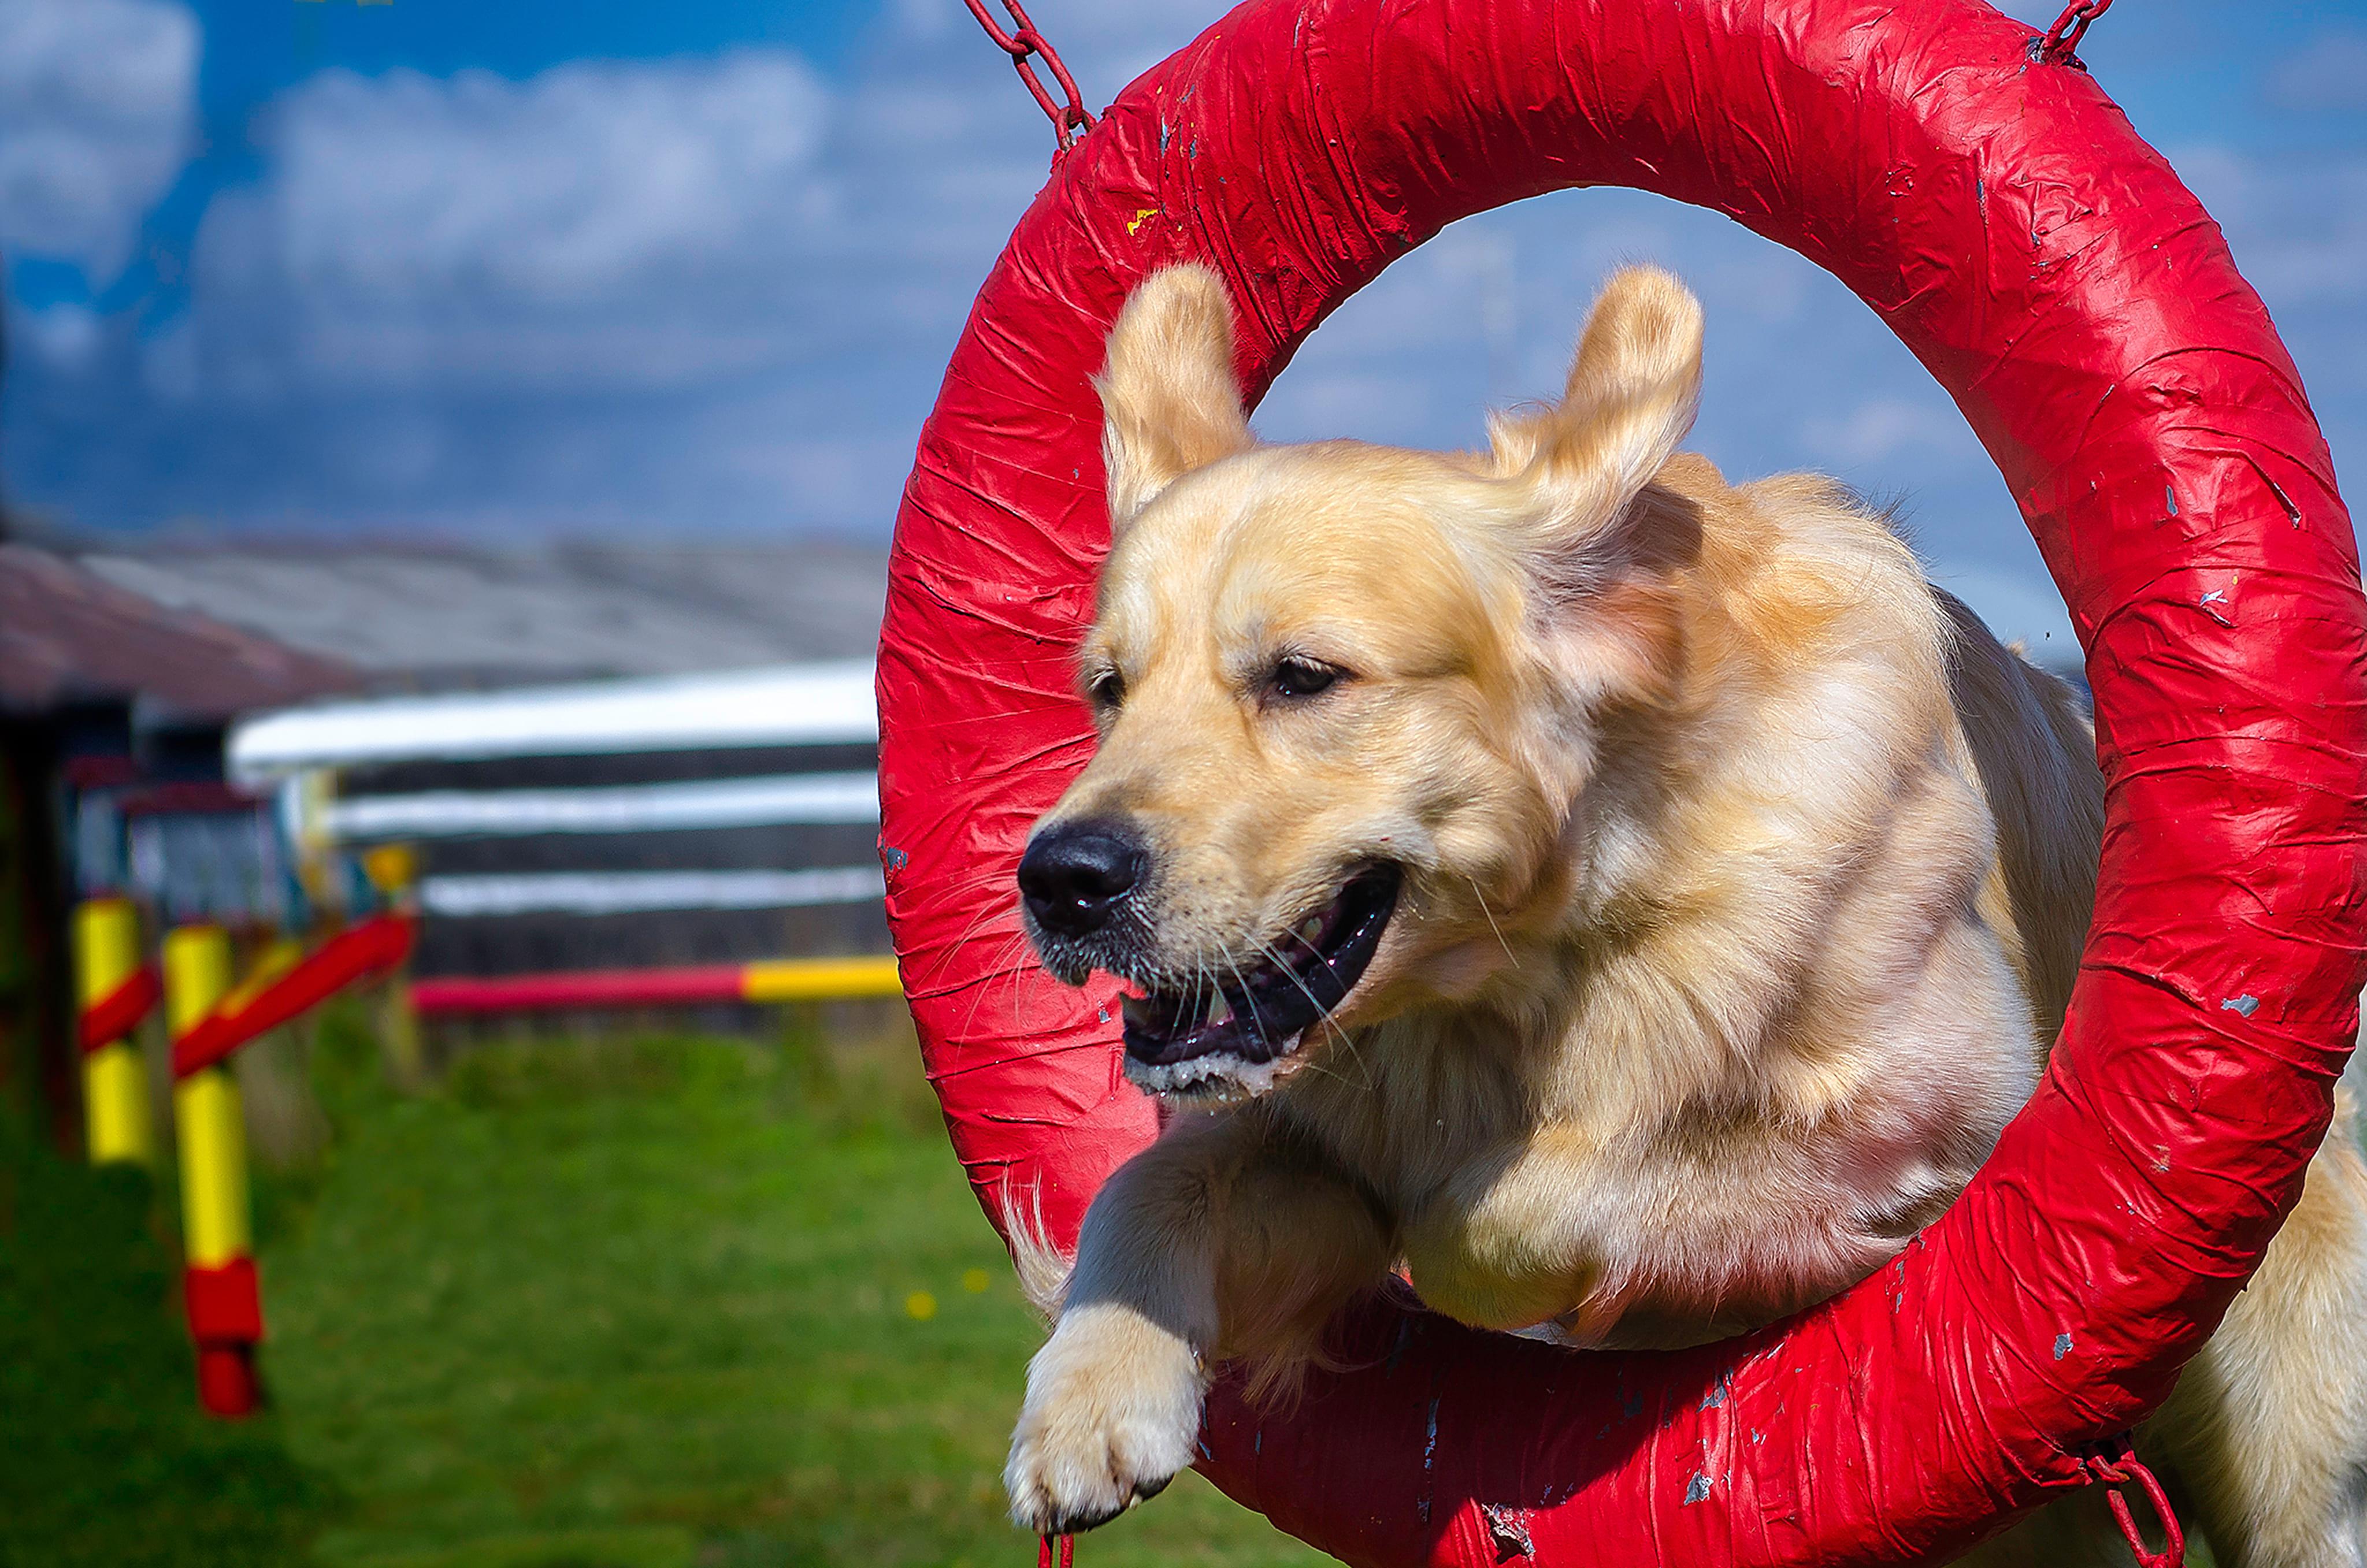 Imagem de um cão passando por dentro de um circulo para remeter ao empreendedor que deseja montar um serviço de adestramento de cães